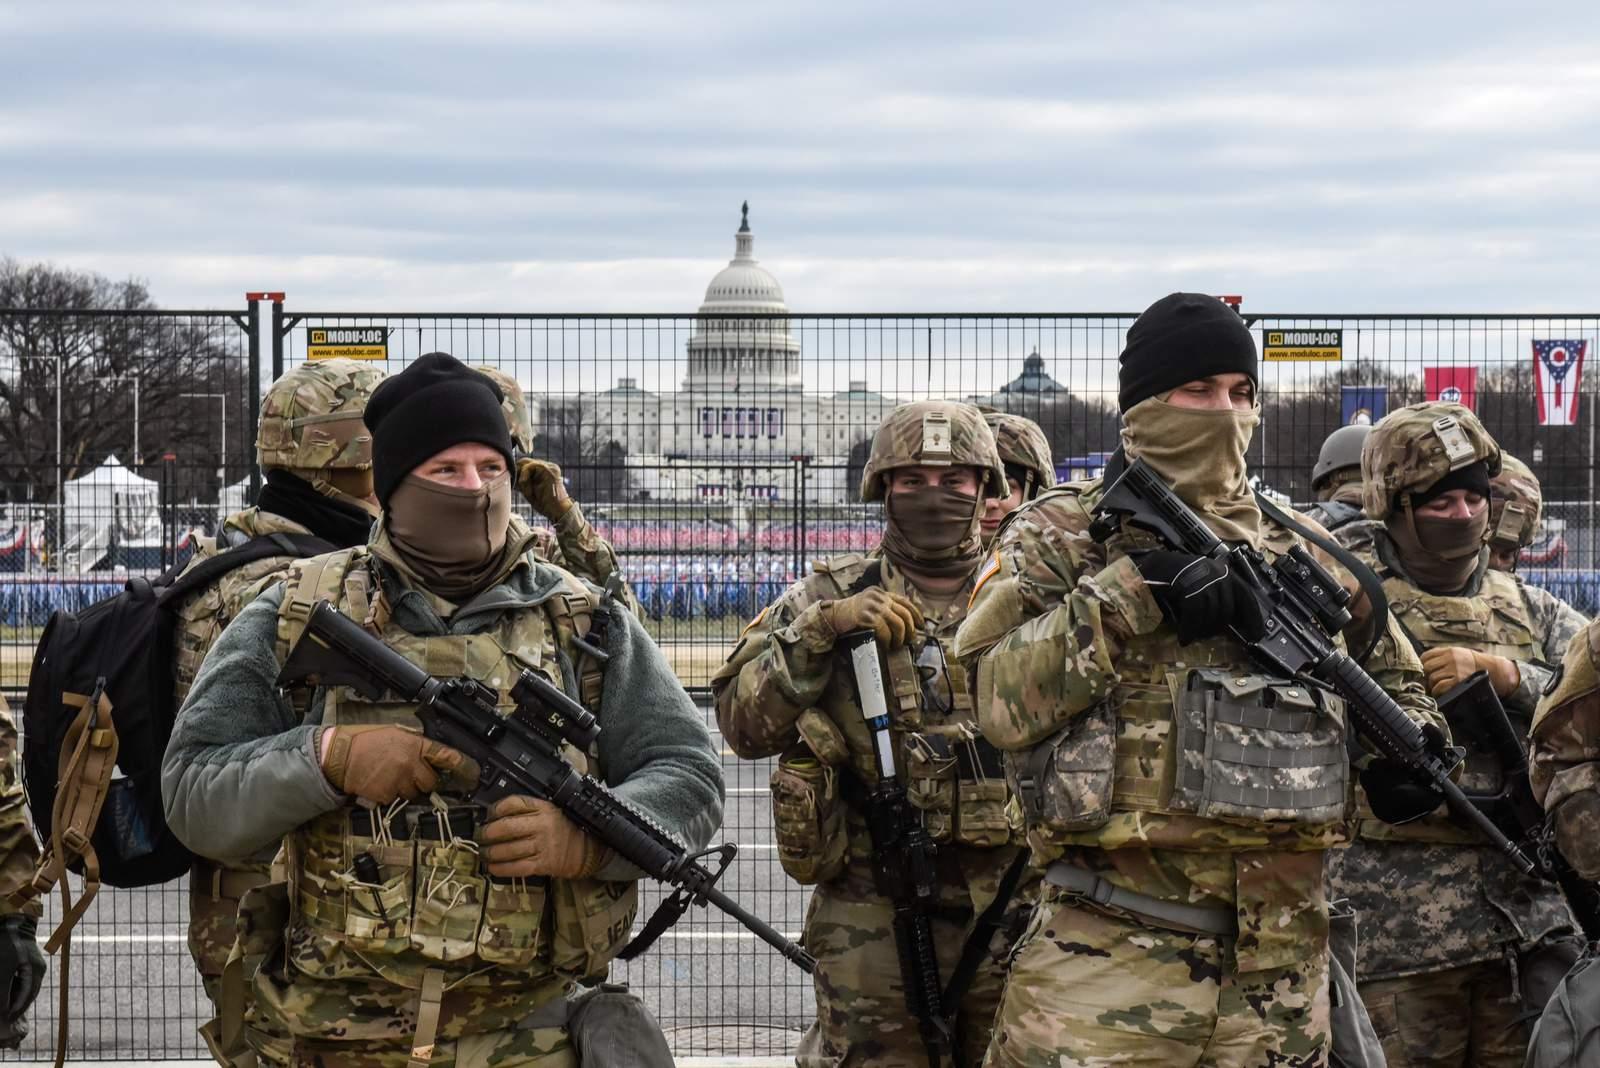 Washington DC di Hari Pelantikan Joe Biden, Kota Hantu yang Dijaga Militer